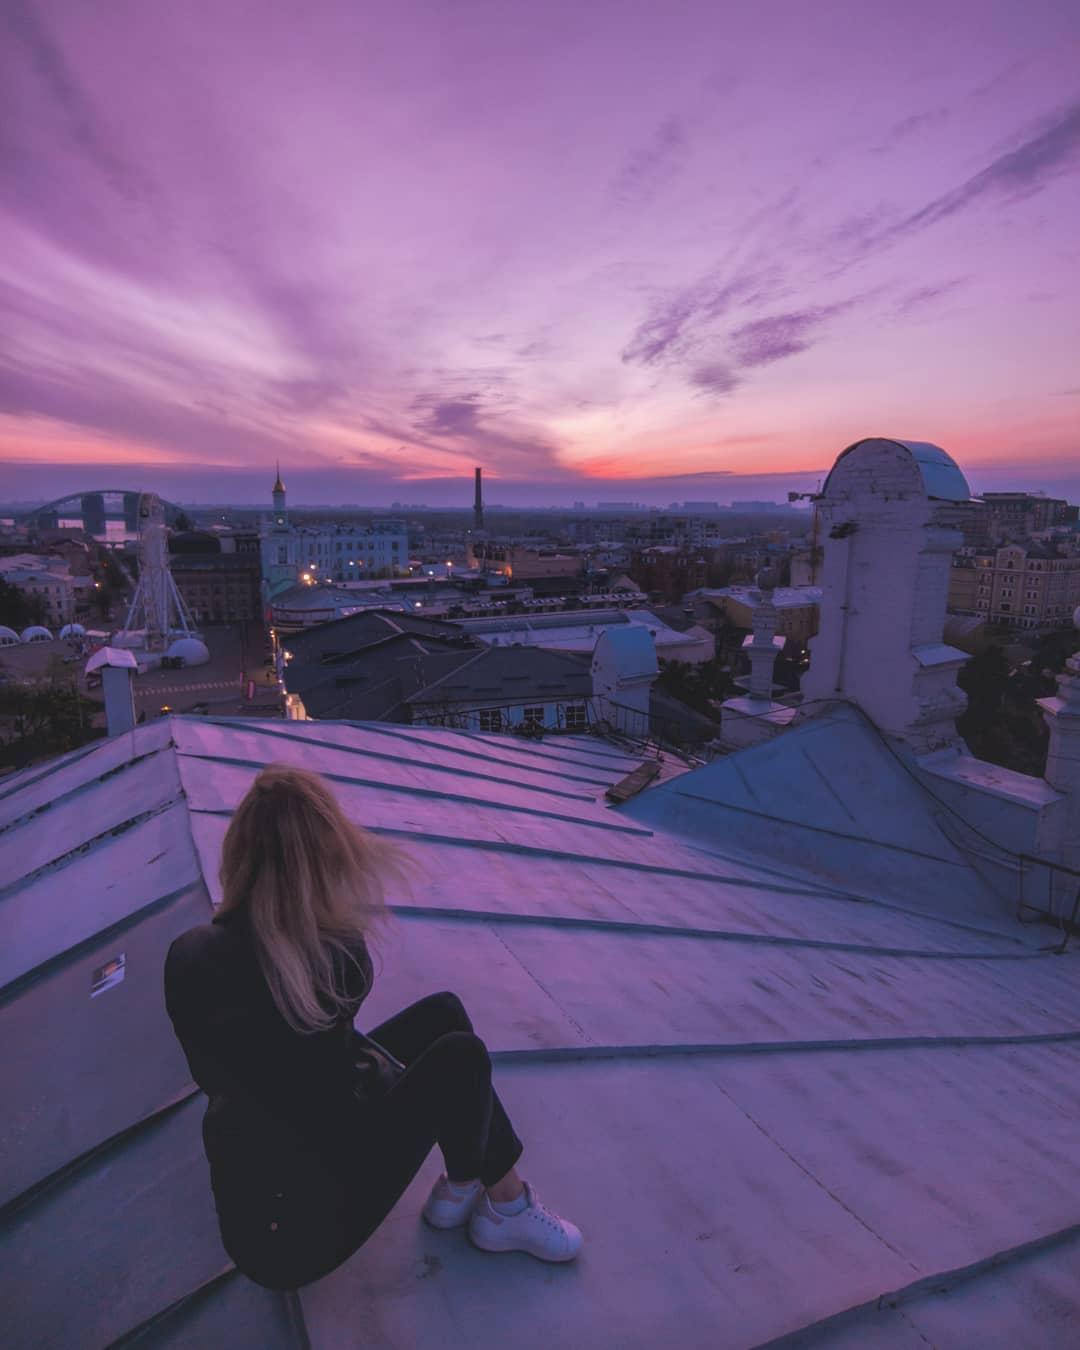 Сквозь стеклянные стены дома и крыши пробивается ветреный, лихорадочно-розовый, тревожный закат. Фото: @cyanidium